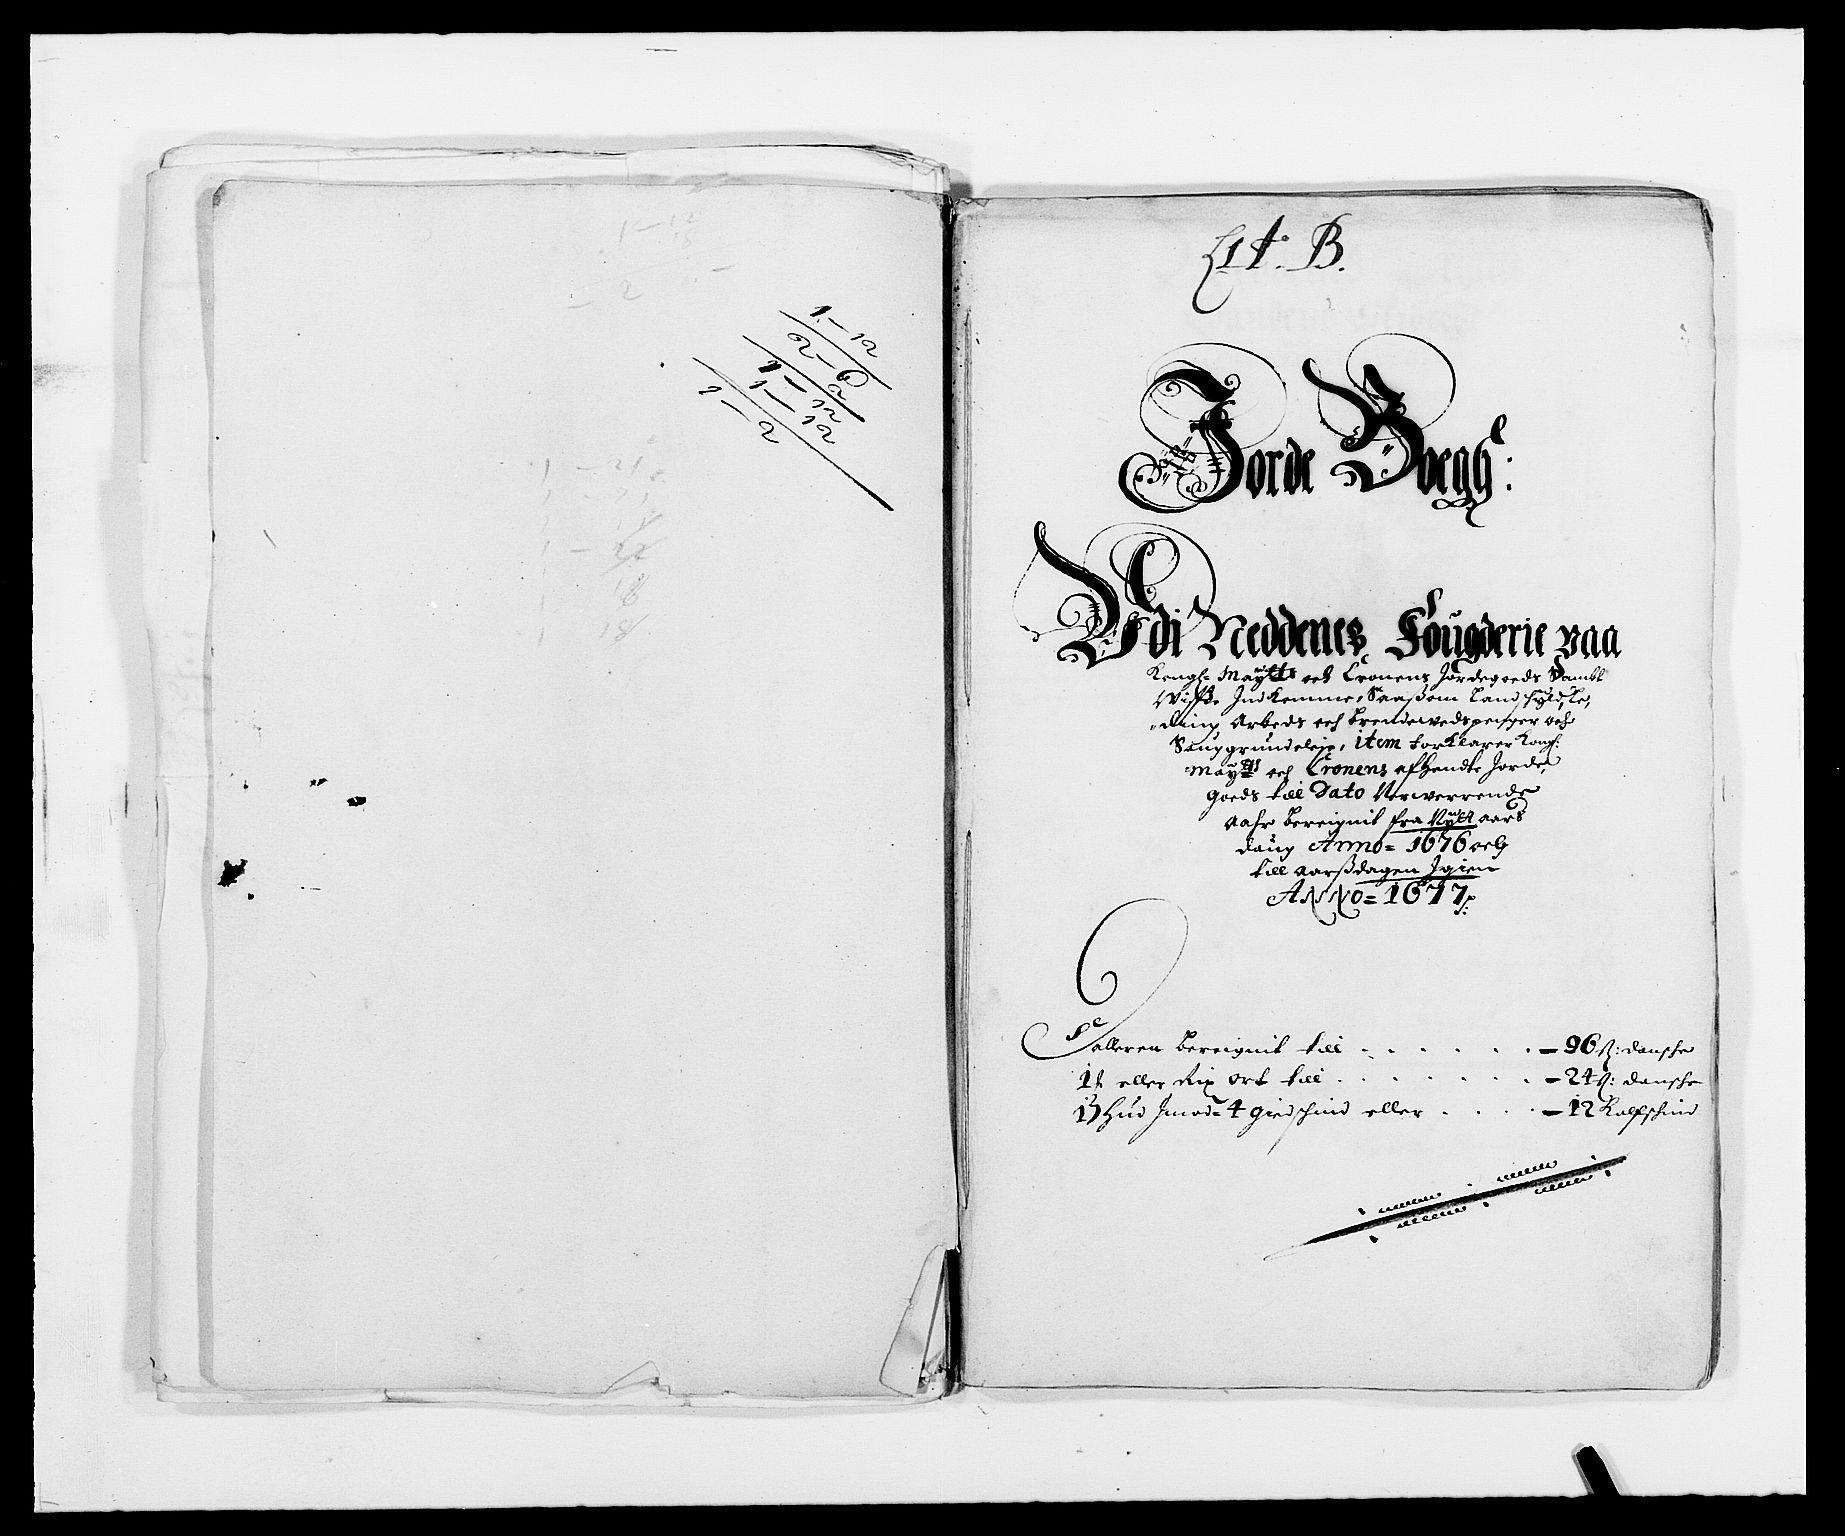 RA, Rentekammeret inntil 1814, Reviderte regnskaper, Fogderegnskap, R39/L2301: Fogderegnskap Nedenes, 1675-1676, s. 195